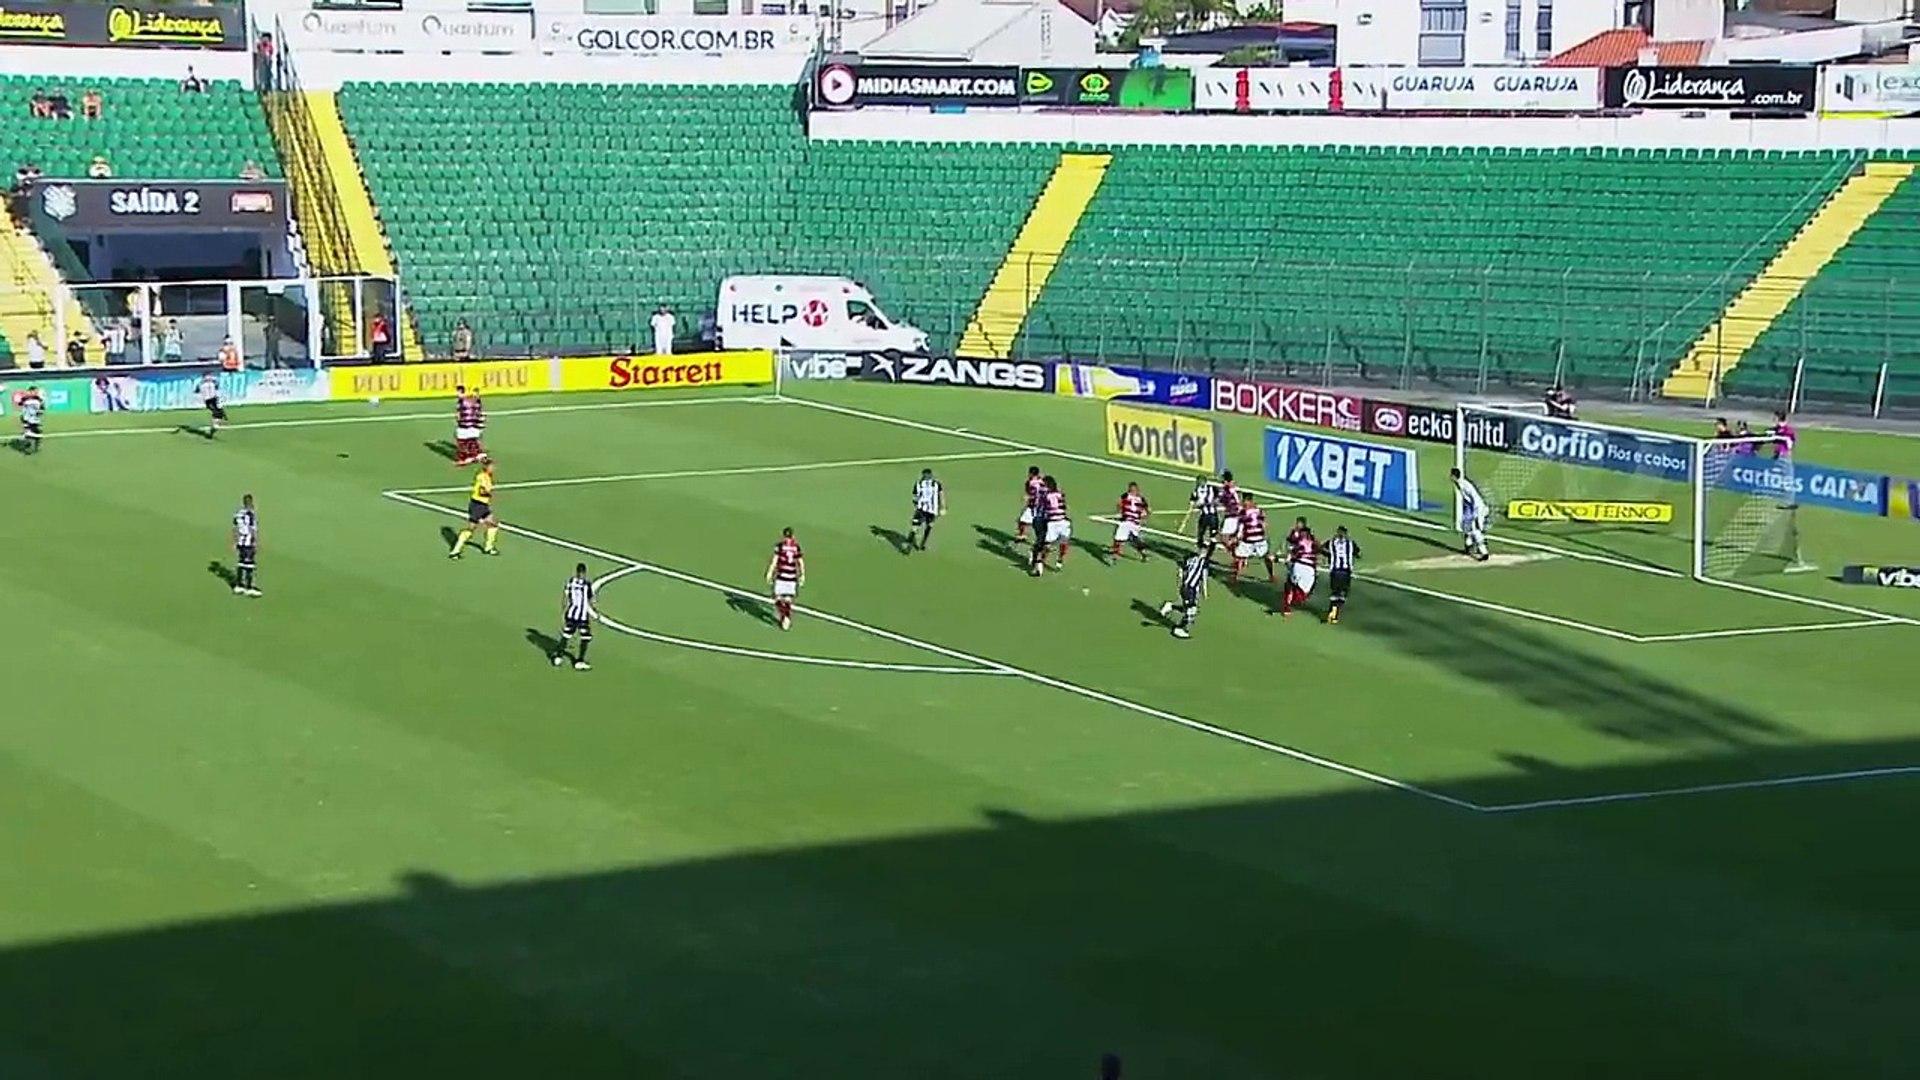 [GOL DE ELTON] Figueirense 2 x 2 Atlético-GO - Série B 2018